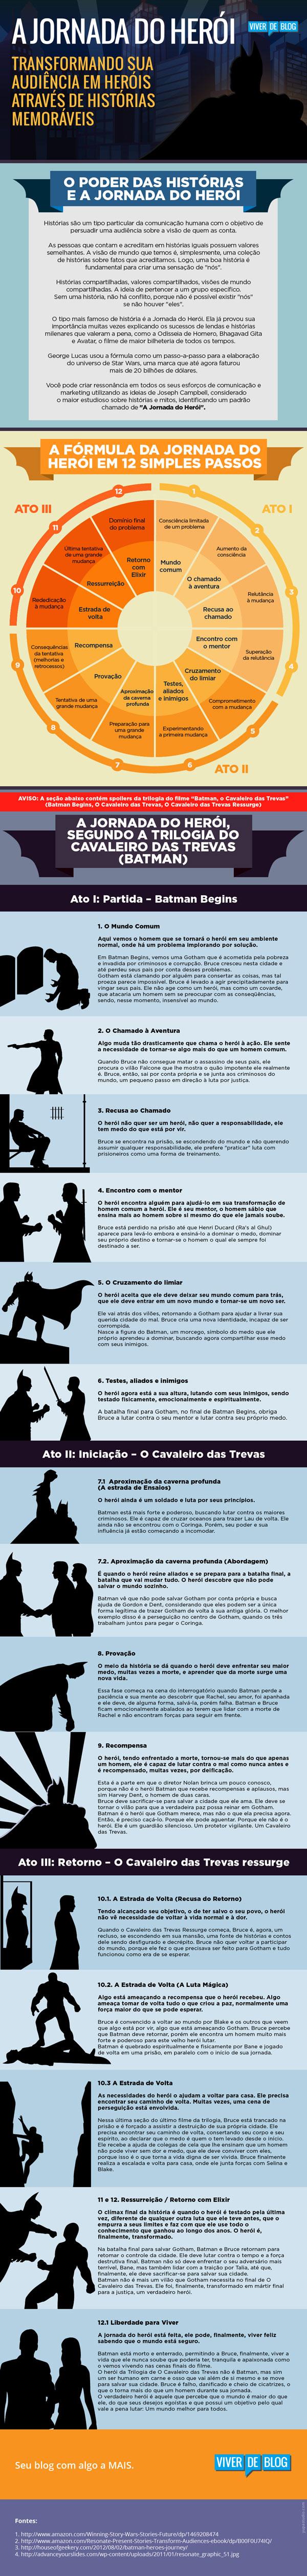 Infográfico Jornada do Herói - Feito pelo Viver de Blog